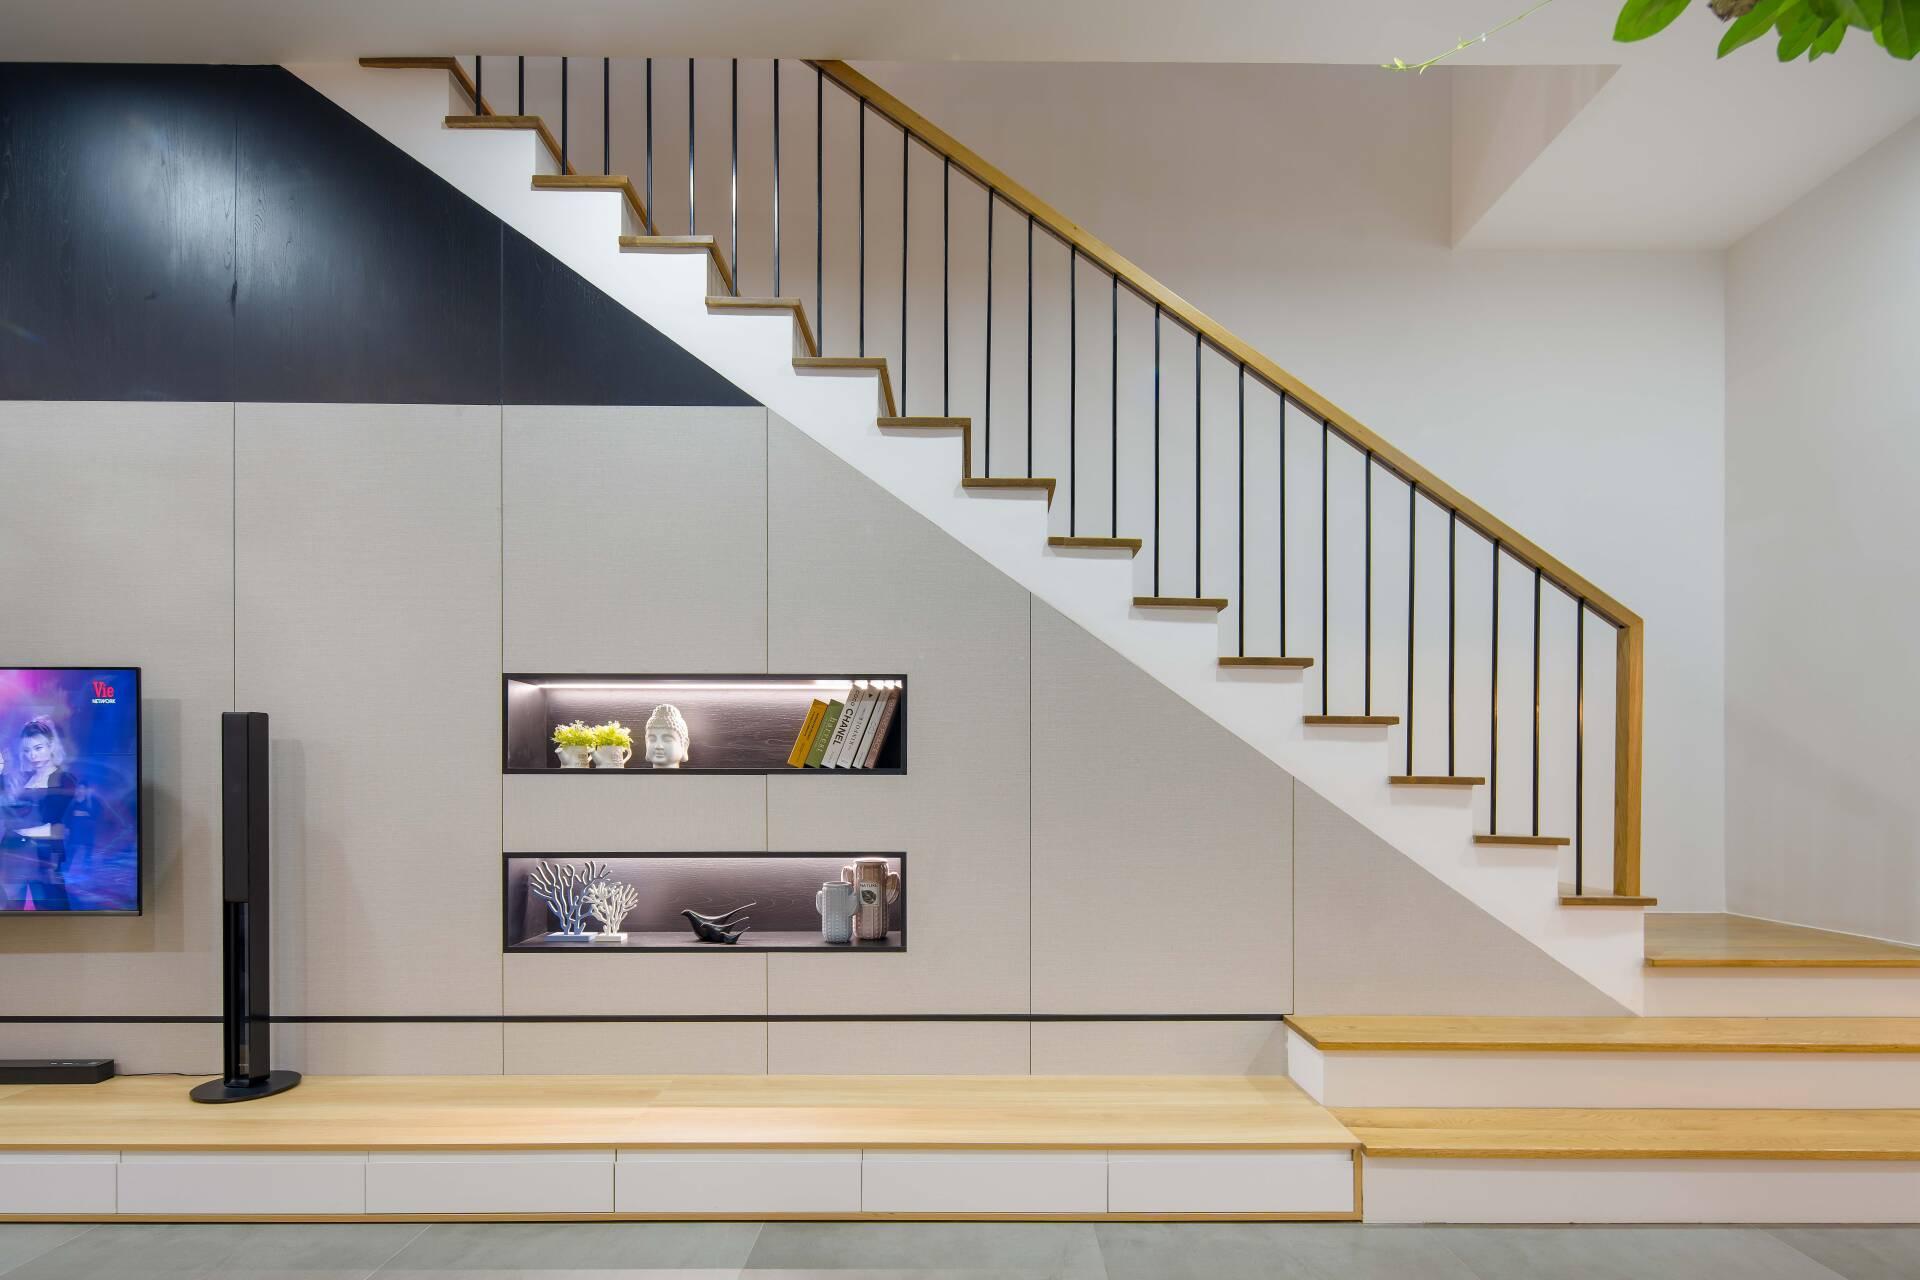 Gầm cầu thang được tận dụng làm kệ để đồ rất sáng tạo